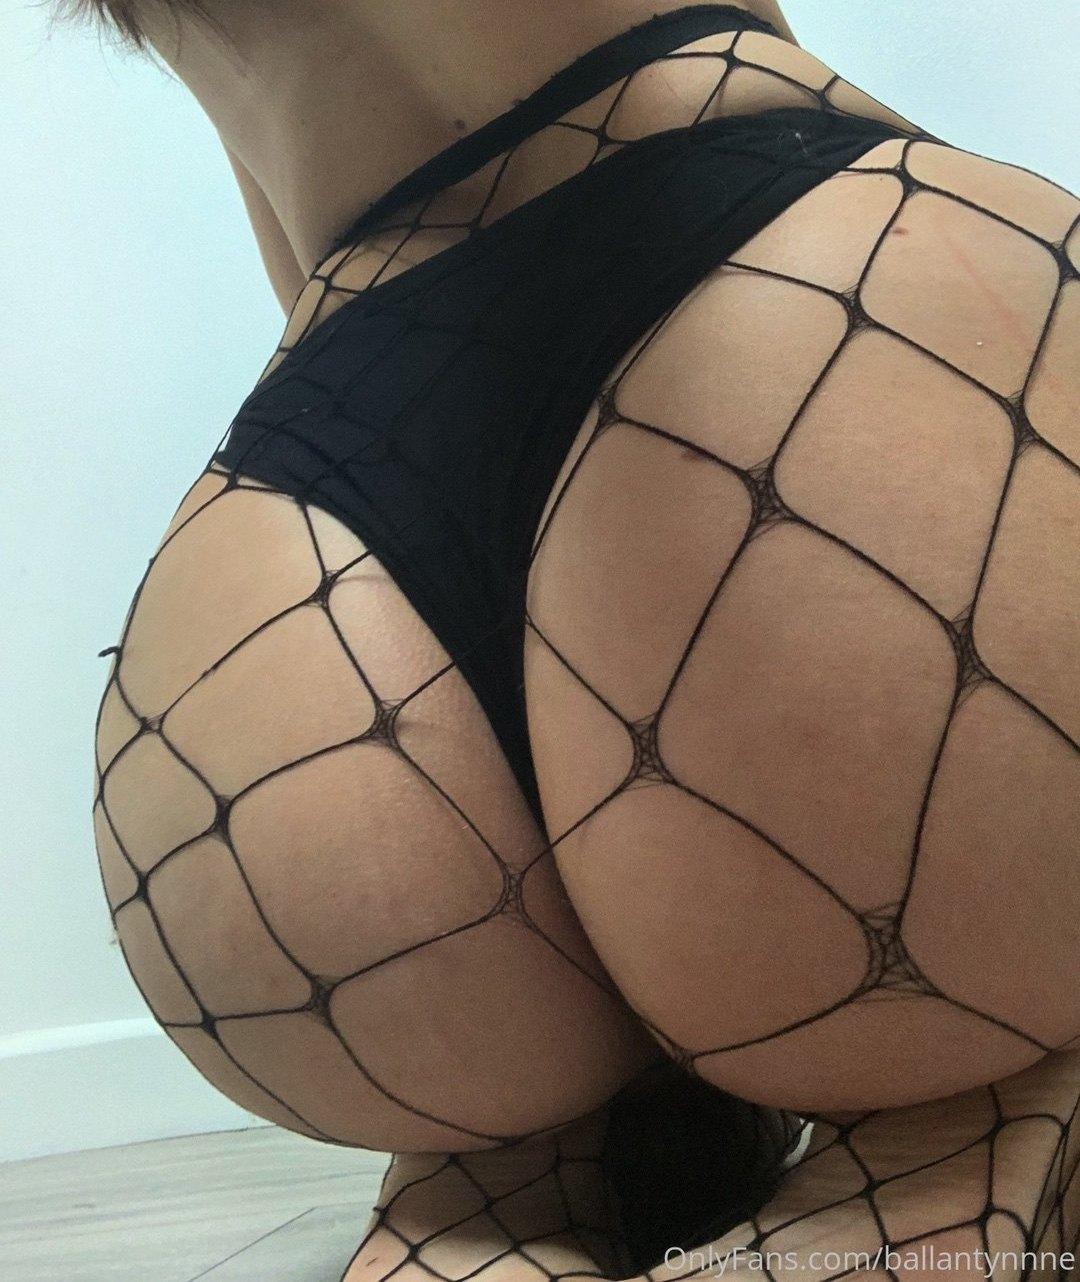 Ballantynnne Onlyfans Nudes Leaks 0005